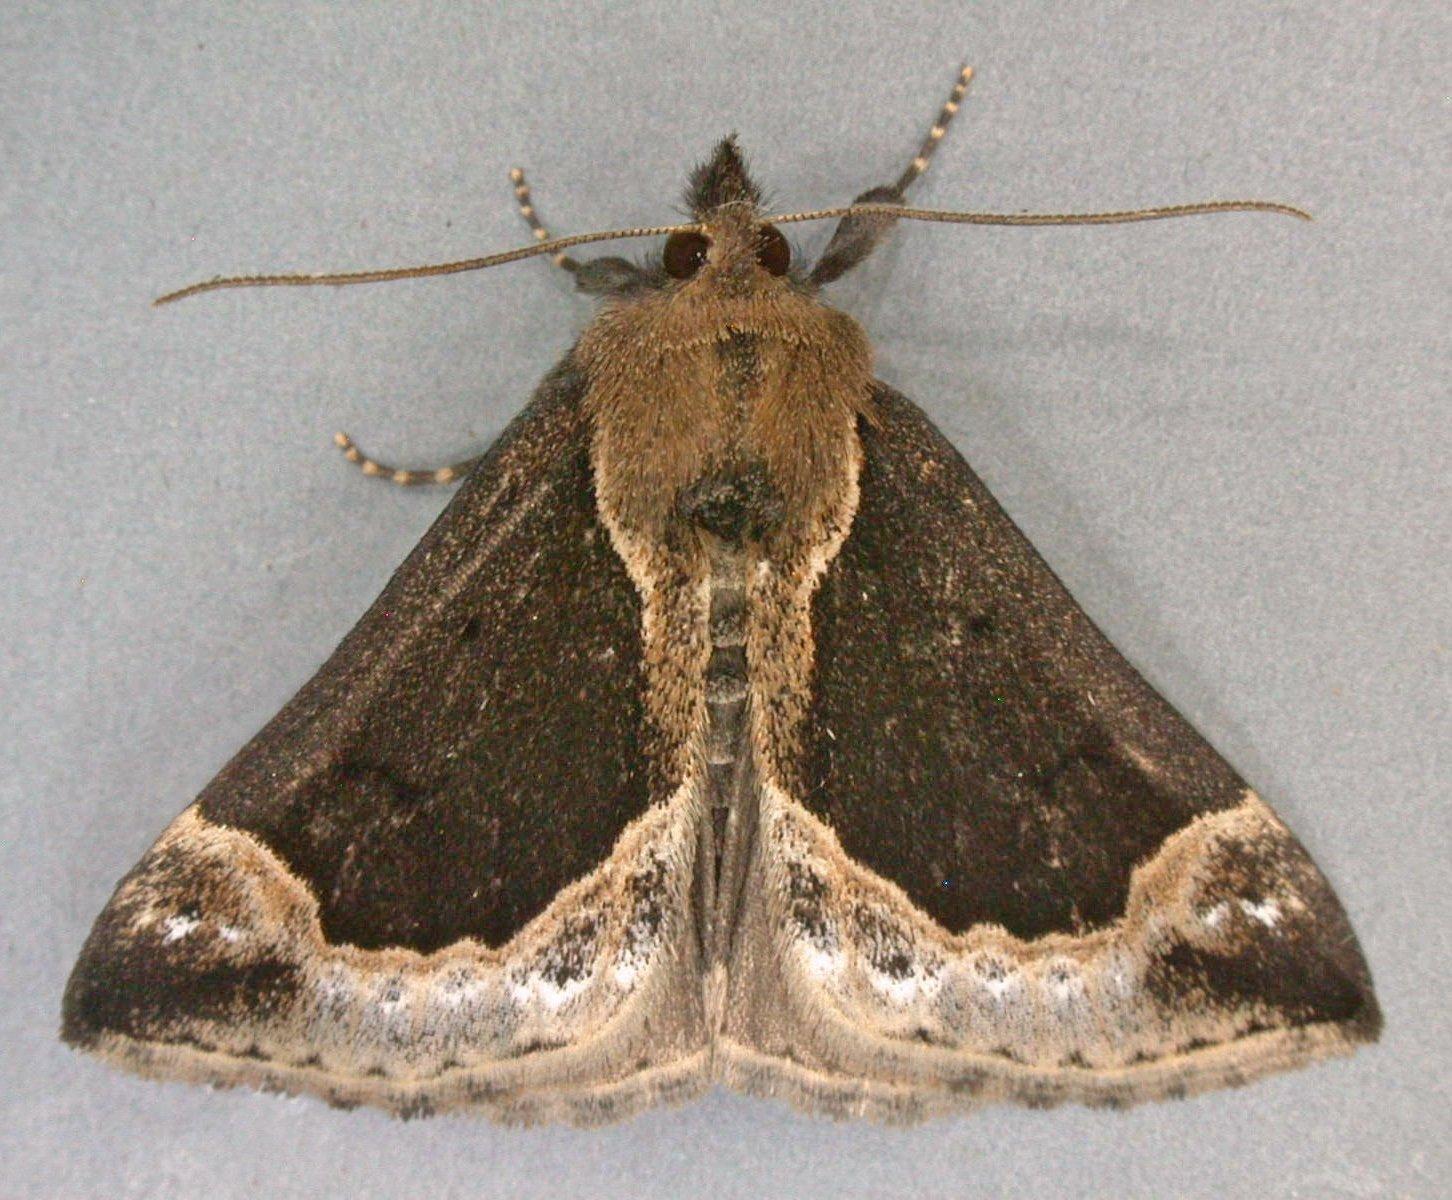 Die aparte Heidelbeer-Schnabeleule (Hypena crassalis) kommt vor allem in Moor und Heide vor. Ihre Raupen nähren sich vorzugsweise von den Pflanzen, nach denen sie benannt ist.